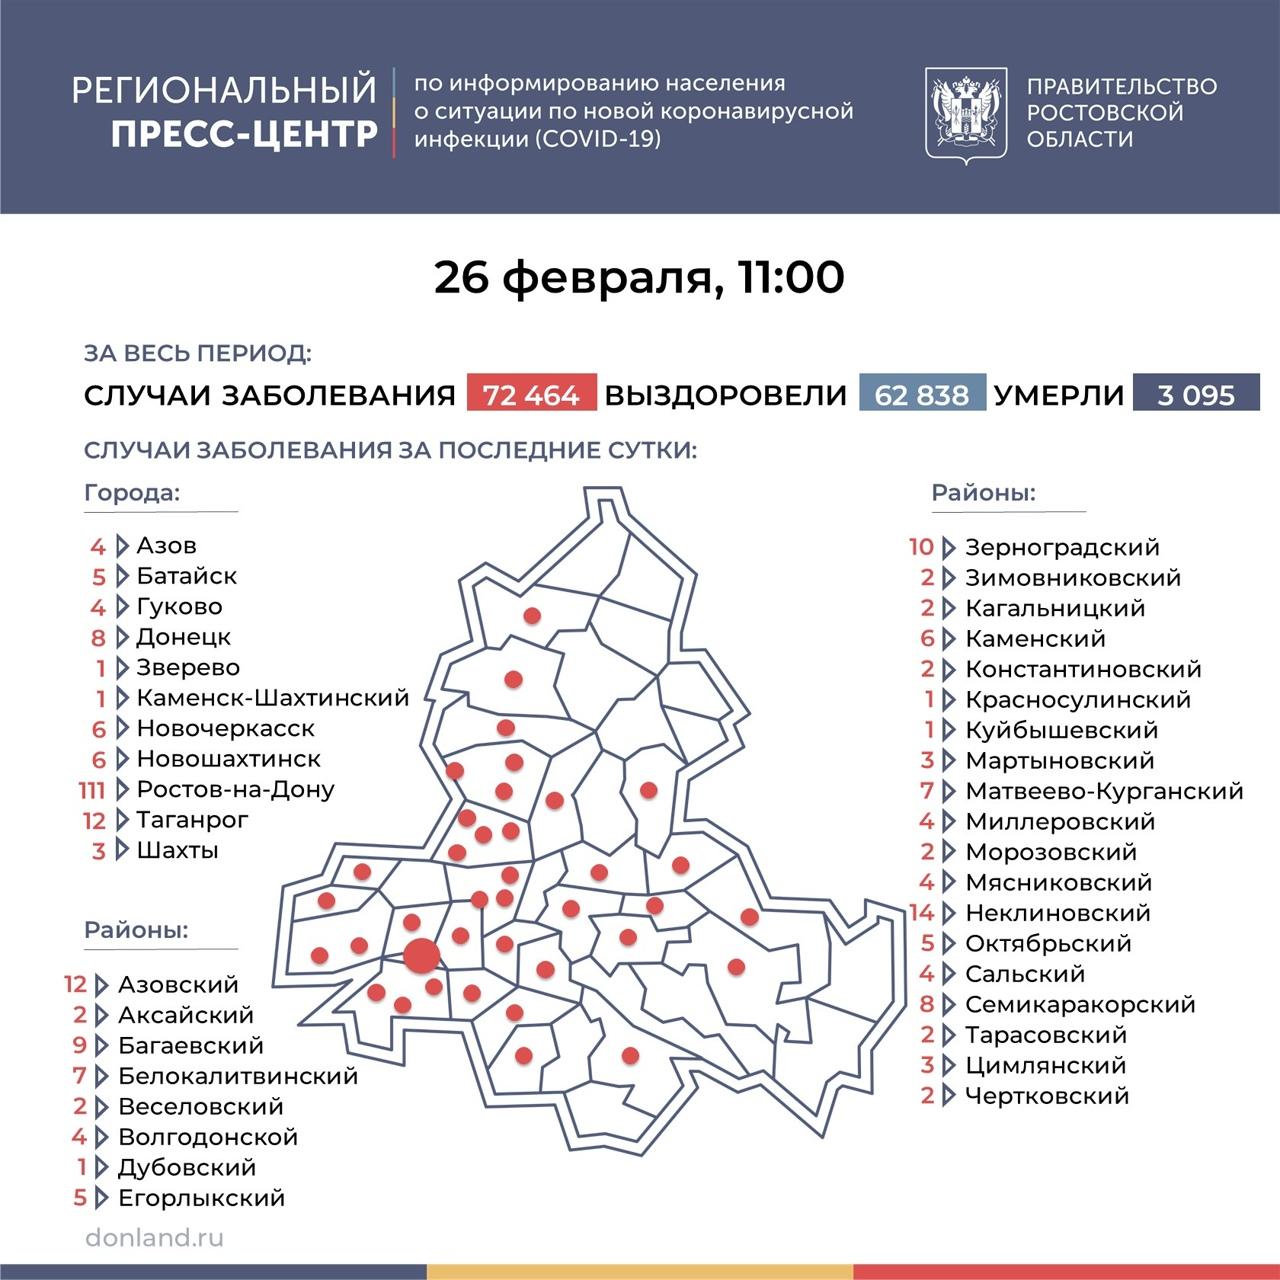 По числу зараженных COVID-19 за сутки в Ростовской области лидируют Ростов и Таганрог